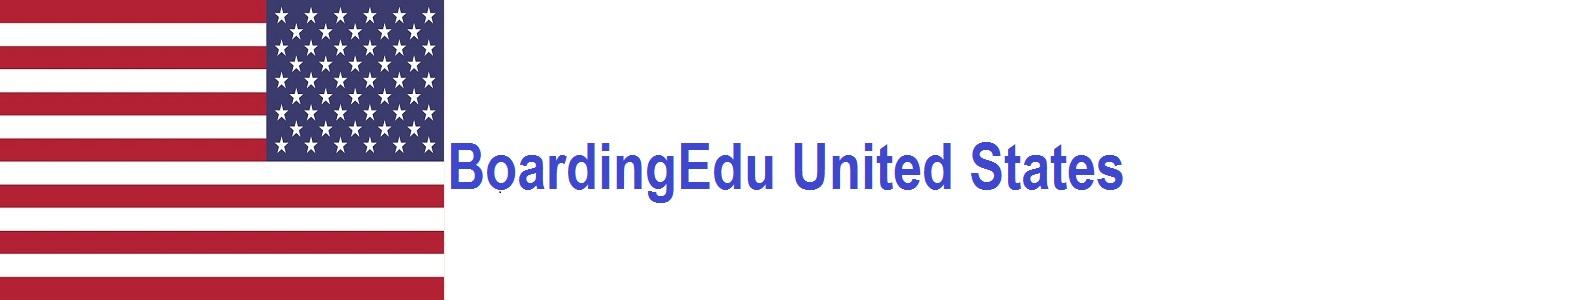 +1-347-779-2197 | contact@boardingedu.us | www.boardingedu.us